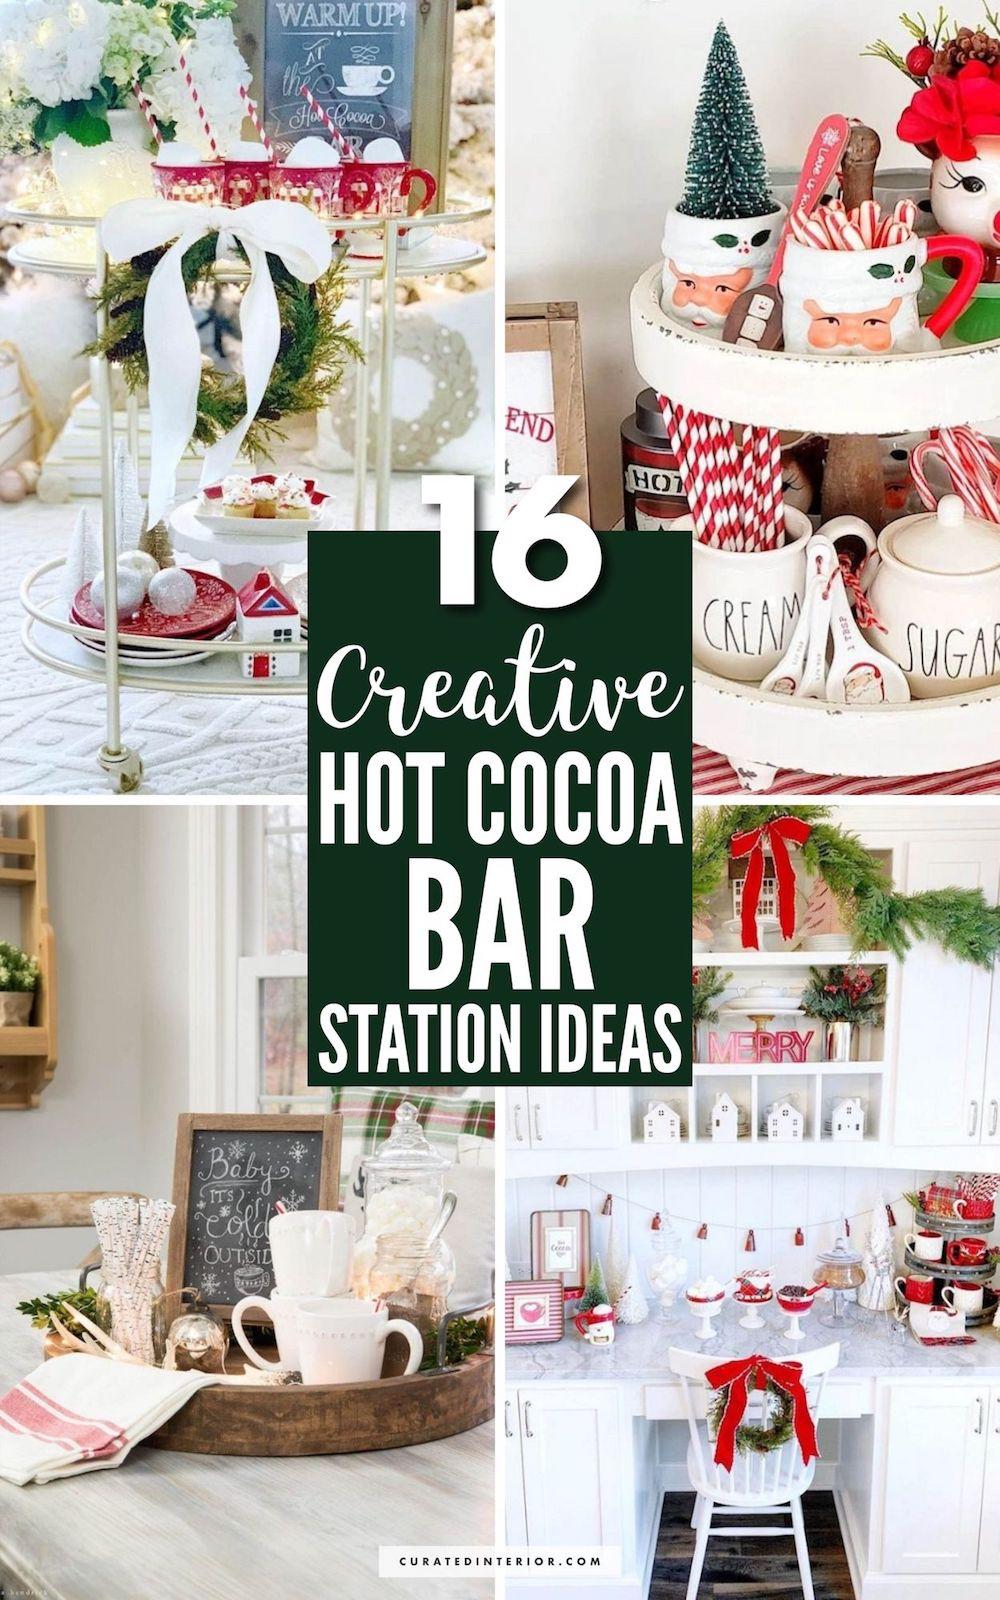 16 Creative Hot Cocoa Bar Station Ideas #HotCocoaBar